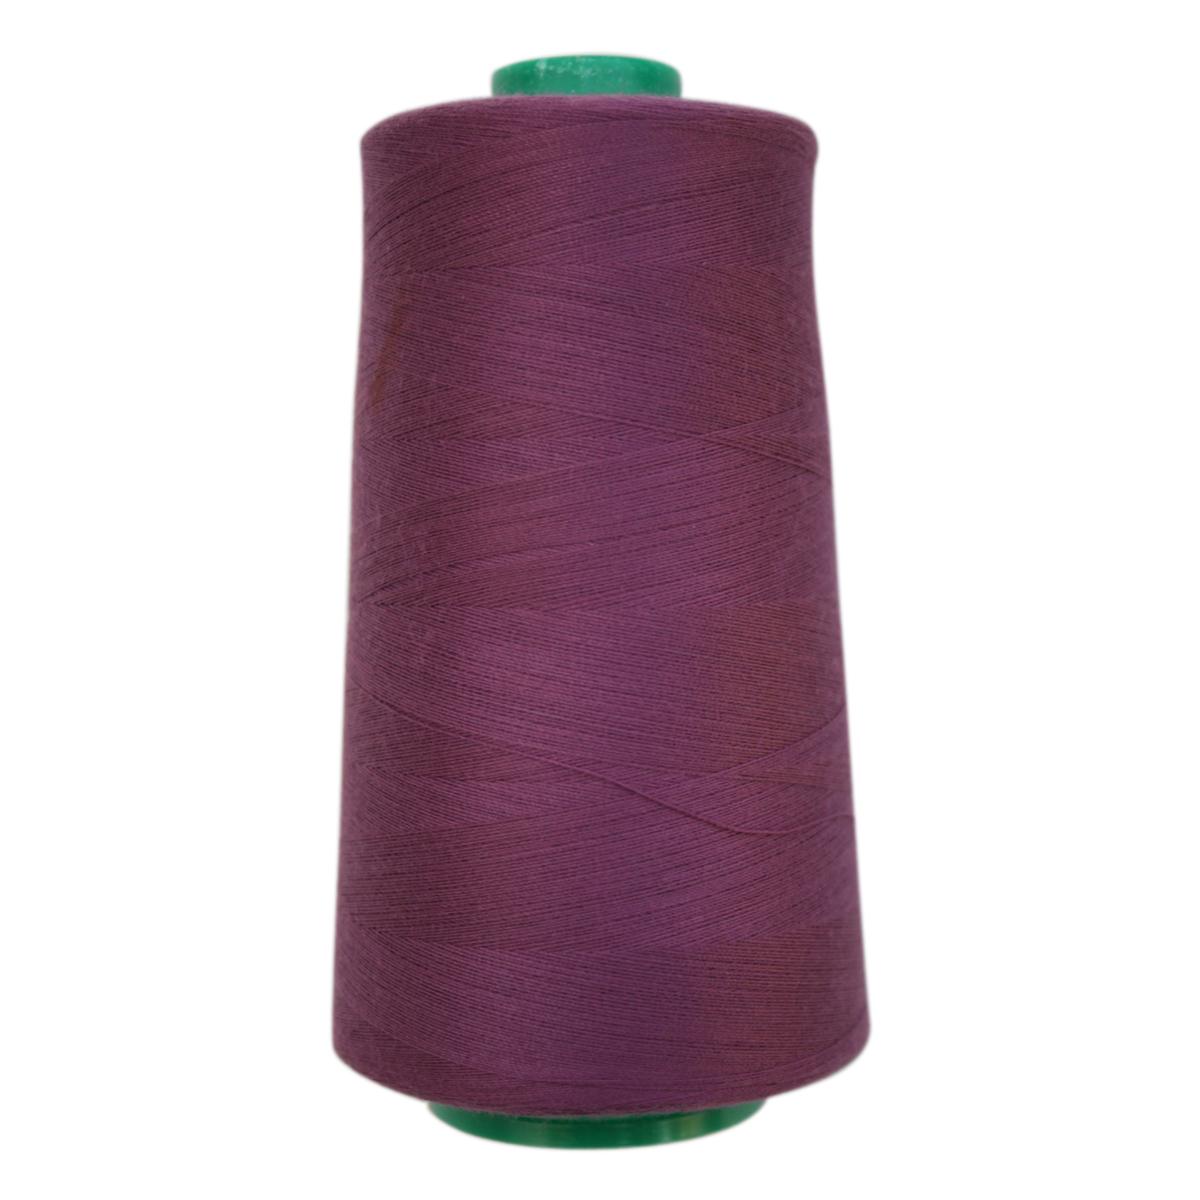 Нитки для шитья Bestex 50/2, 5000 ярд, цвет: т.сиреневый (299)7700936-299Сфера использования: трикотаж; ткани малого веса; оверлочные швы; отделка краев; вышивка. Размер игл №70-80